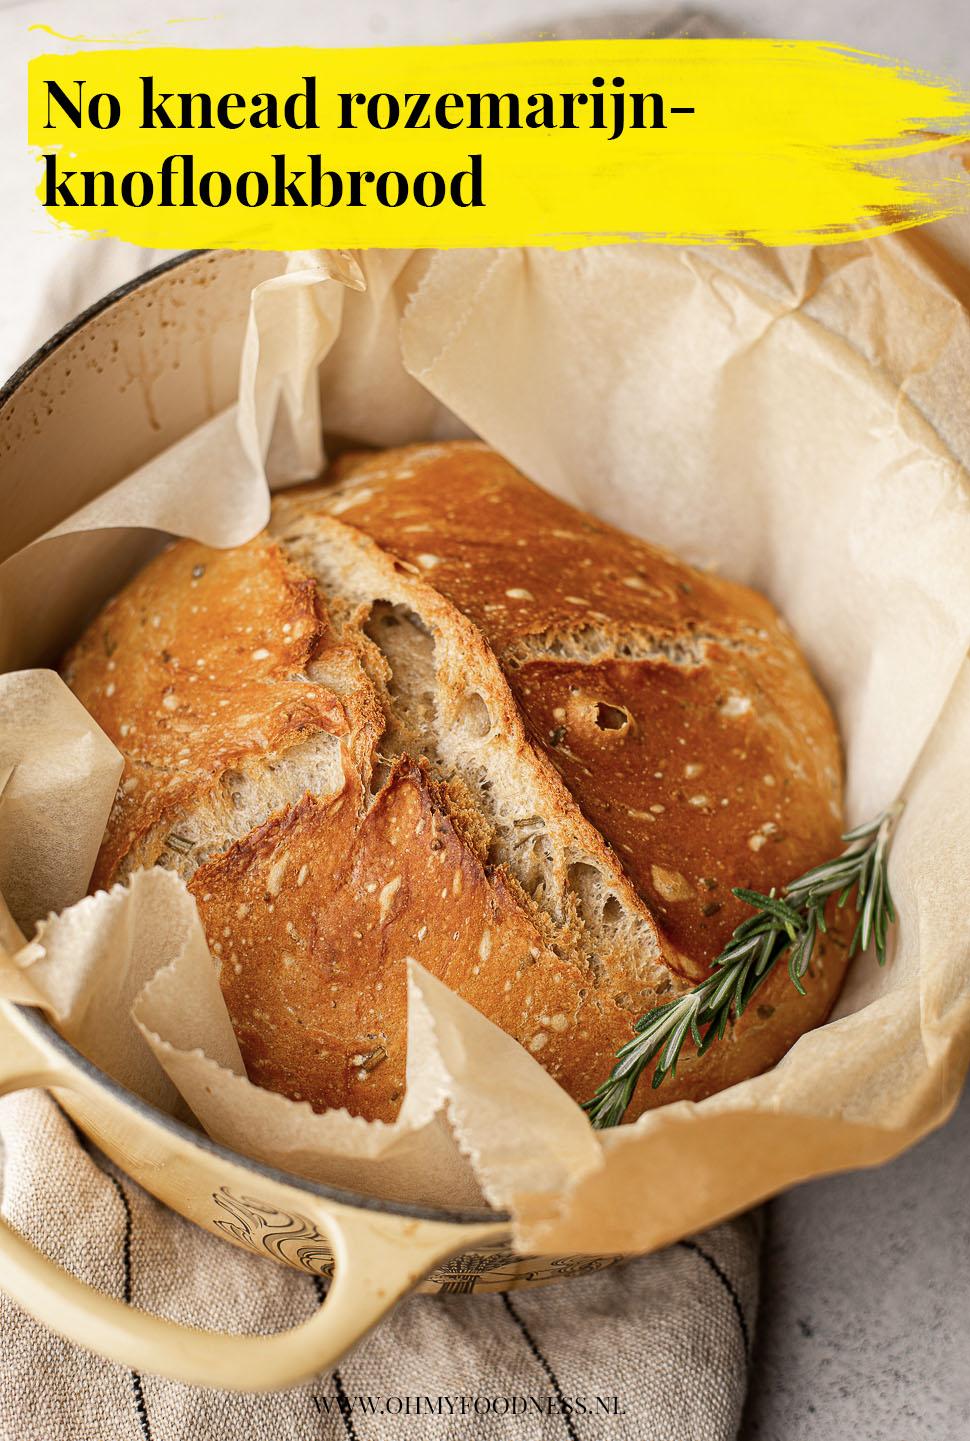 rozemarijn-knoflookbrood